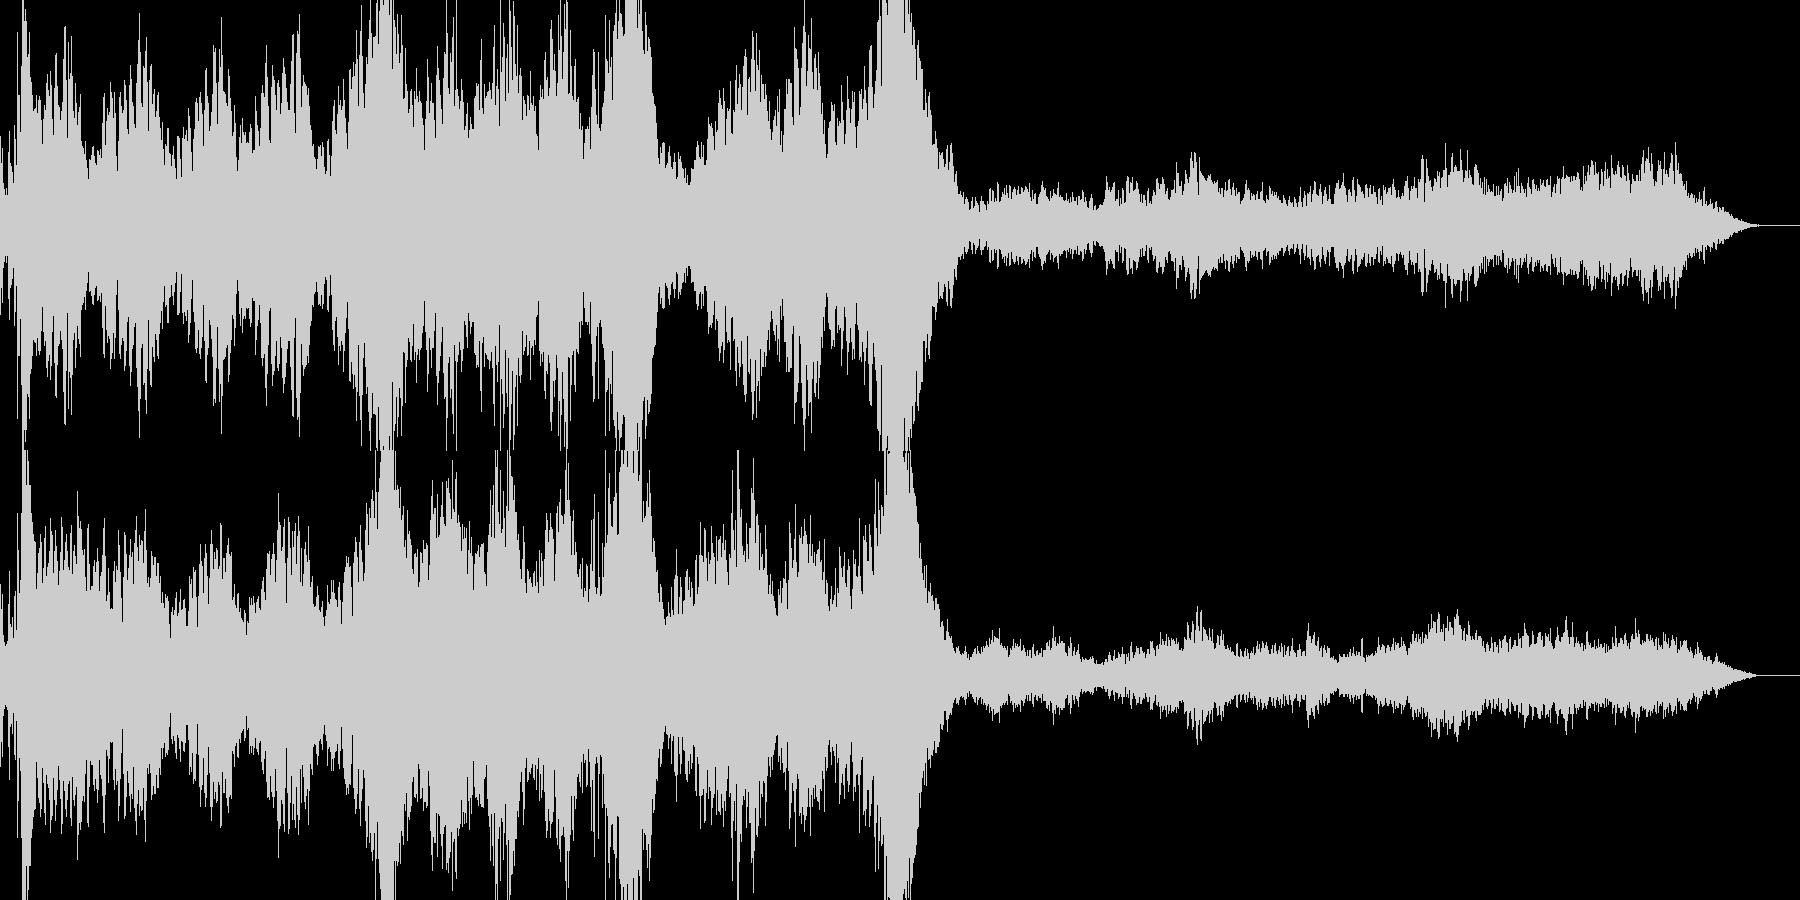 ミステリアスでダークな雰囲気のBGMの未再生の波形